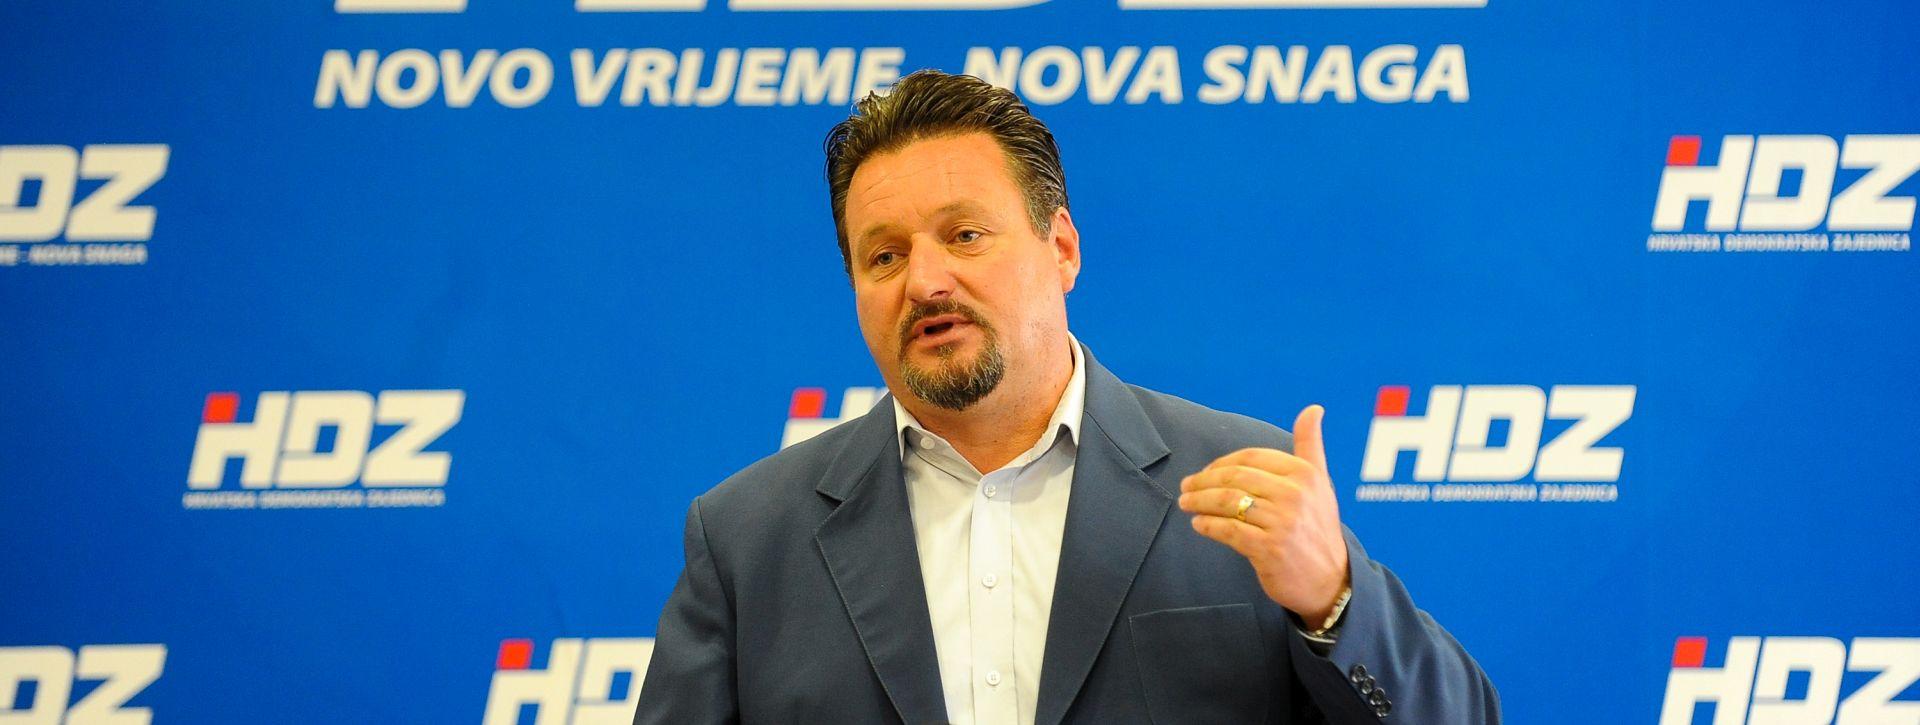 KUŠČEVIĆ: 170 milijuna kuna za energetsku obnovu splitske bolnice Firule